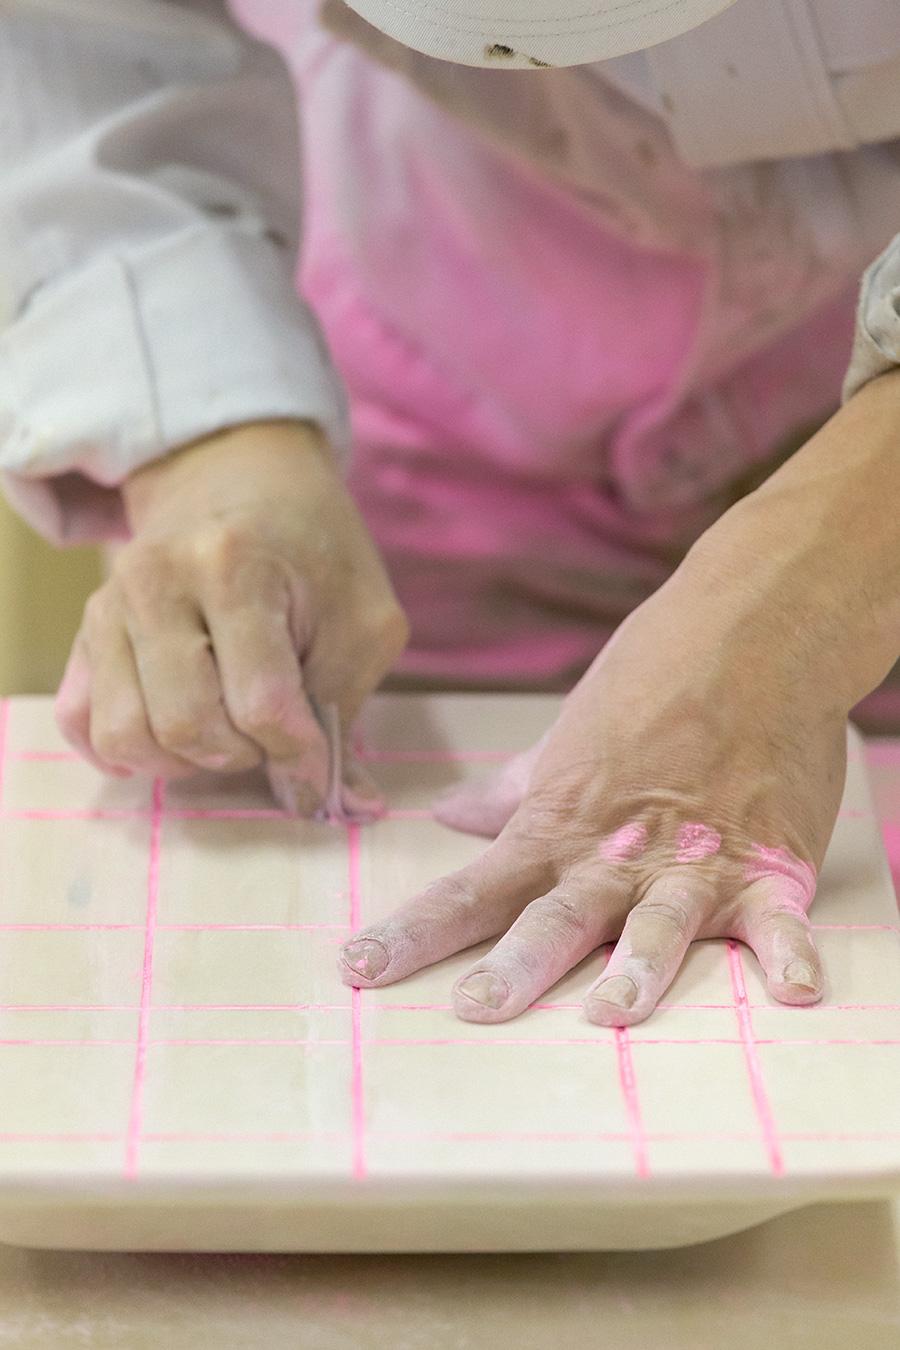 熟練職人の手作業による塗装作業。